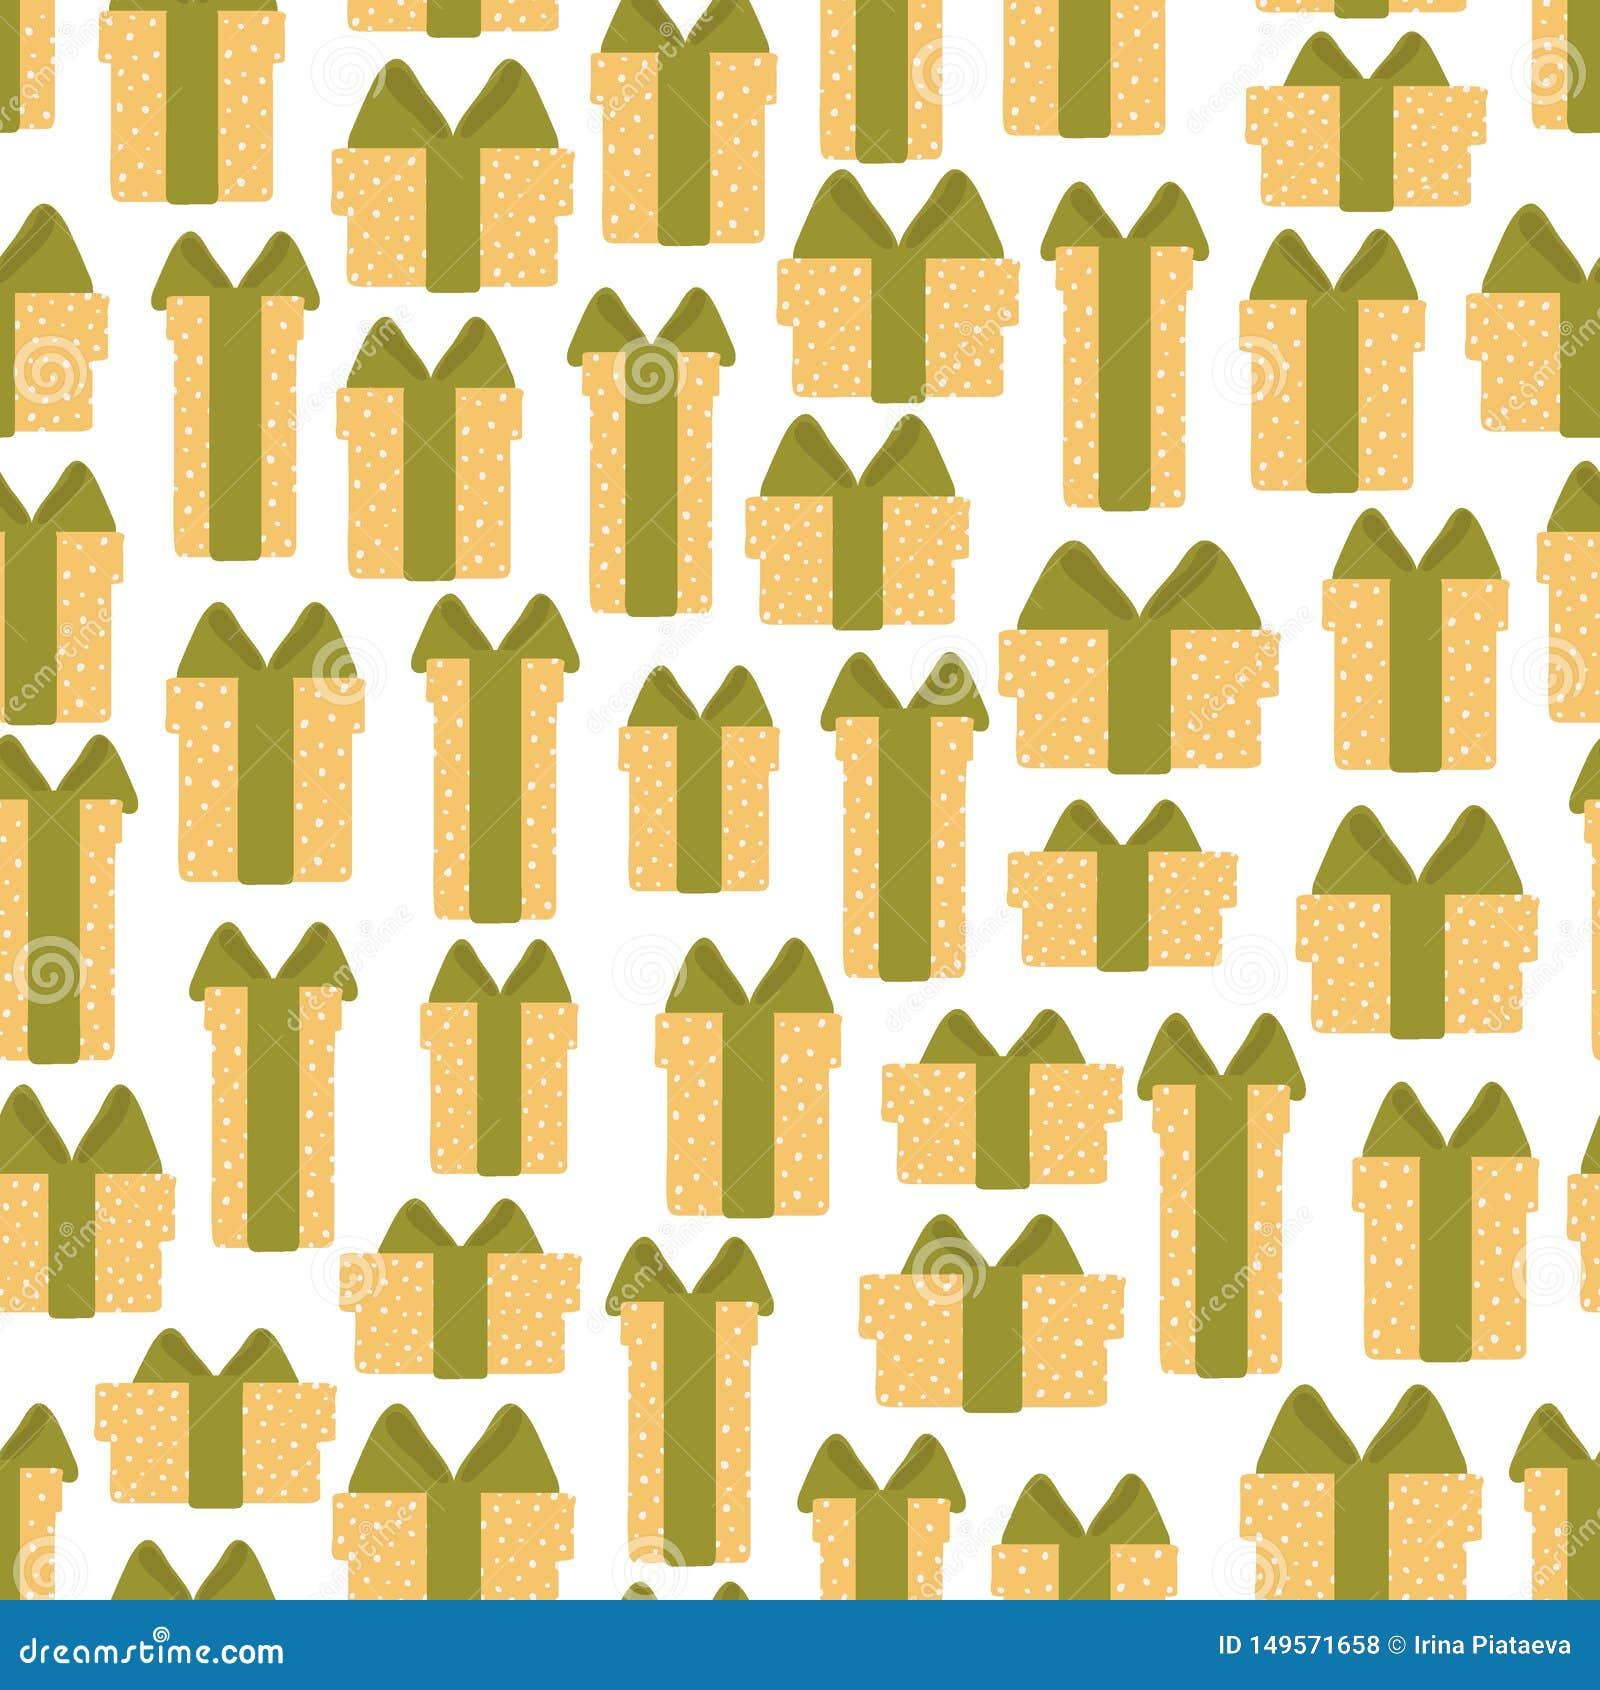 Άνευ ραφής σχέδιο των κιβωτίων δώρων σε ένα άσπρο υπόβαθρο Διανυσματική απεικόνιση στα κινούμενα σχέδια